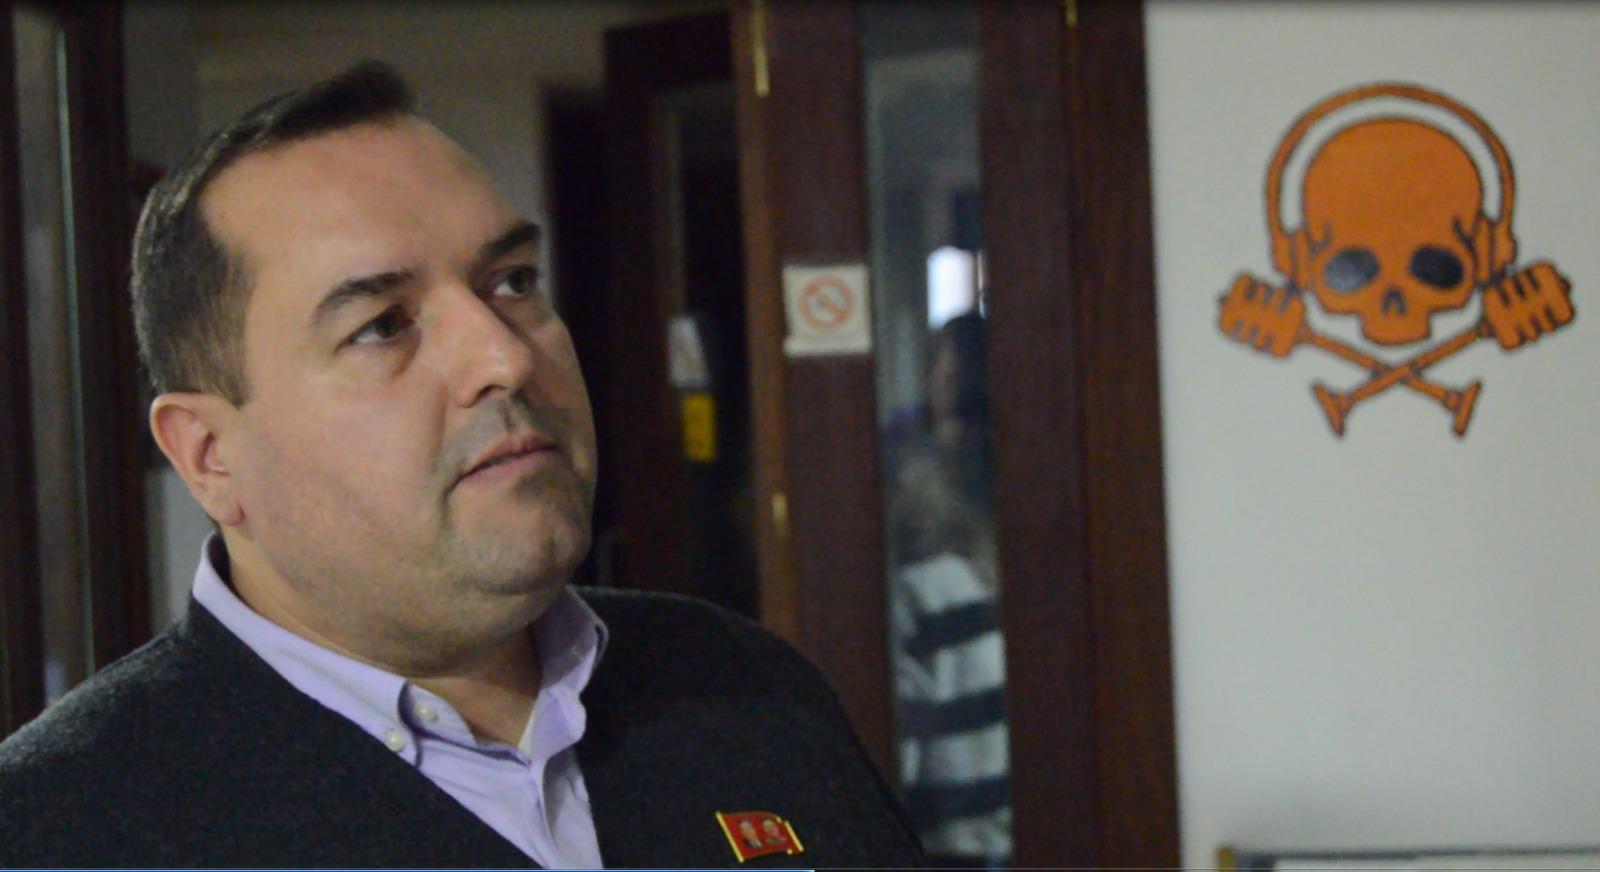 [HalaBideo]  Alejandro  Cao  de  Benós:  «Yo  como  comunista  siempre  creo  más  en  la  unidad  que  en  la  separación»